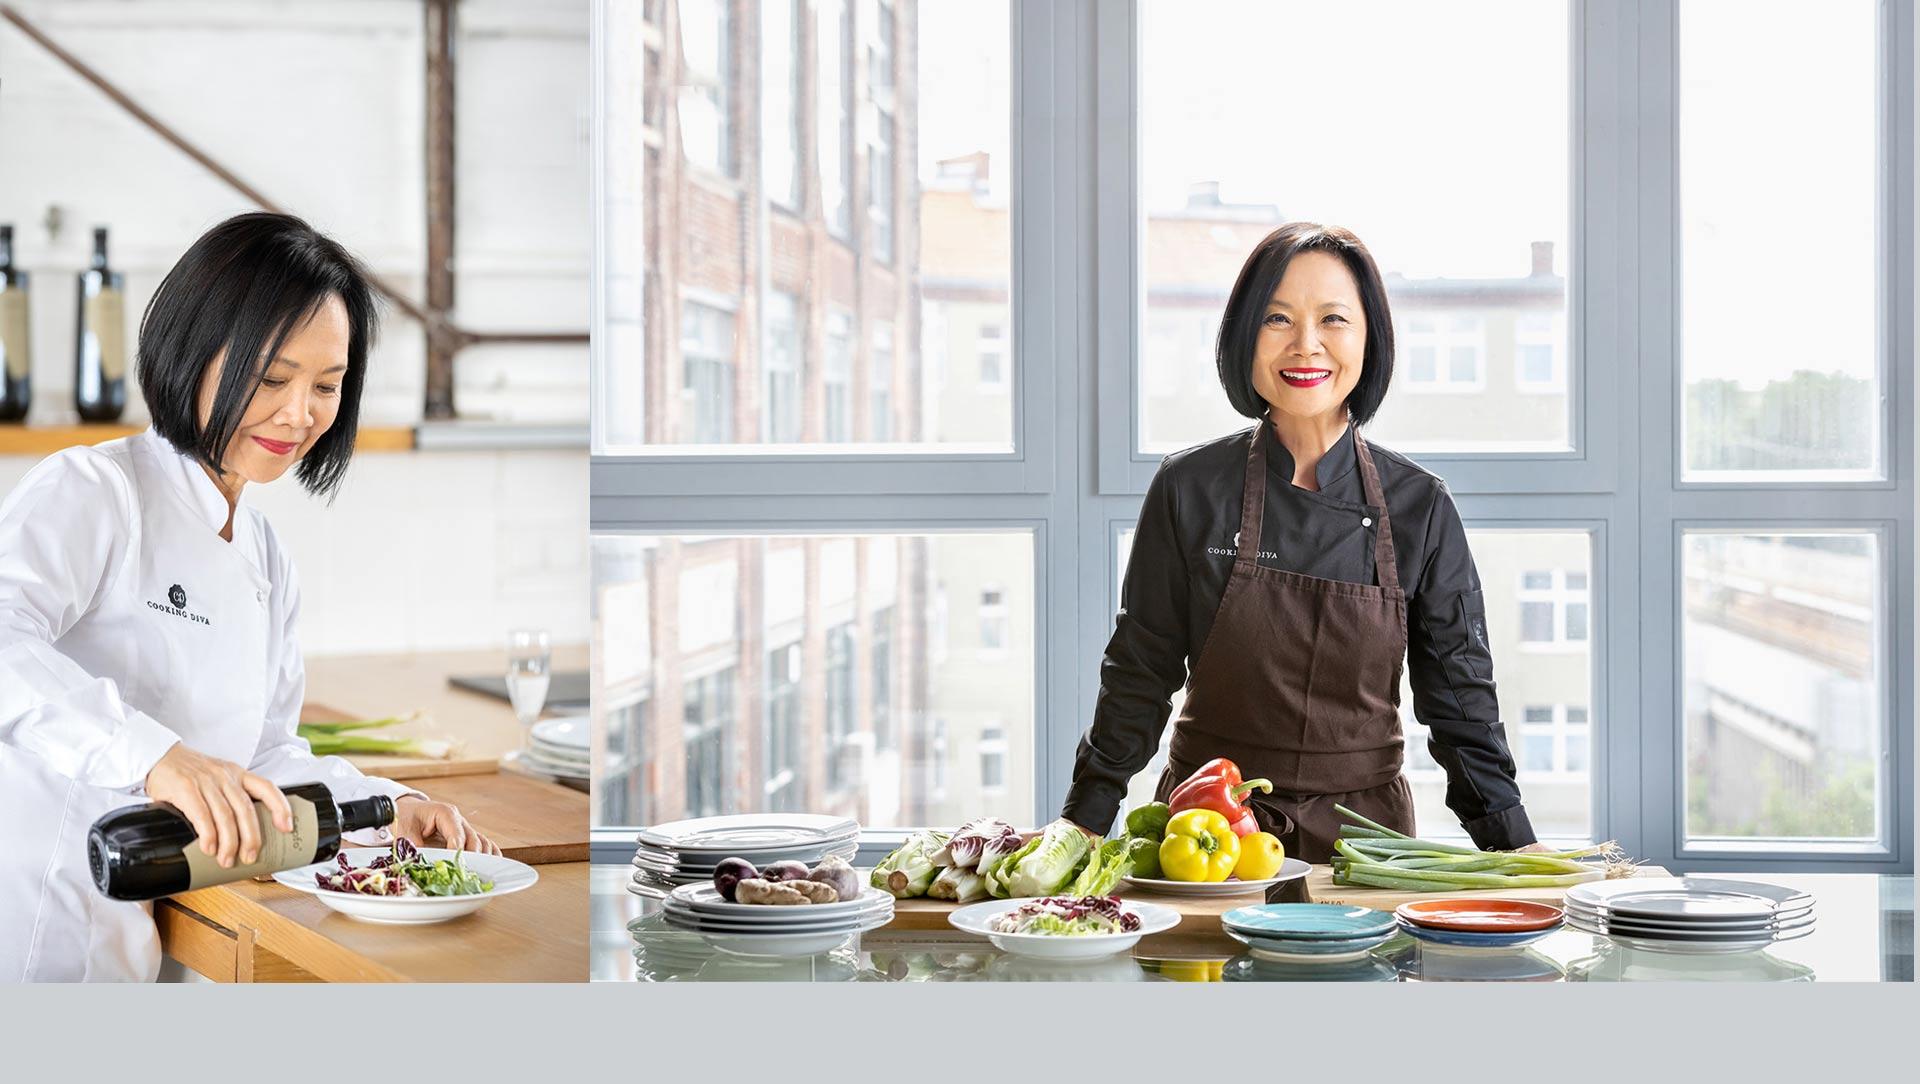 businessfotos-personal-branding-cookingdiva